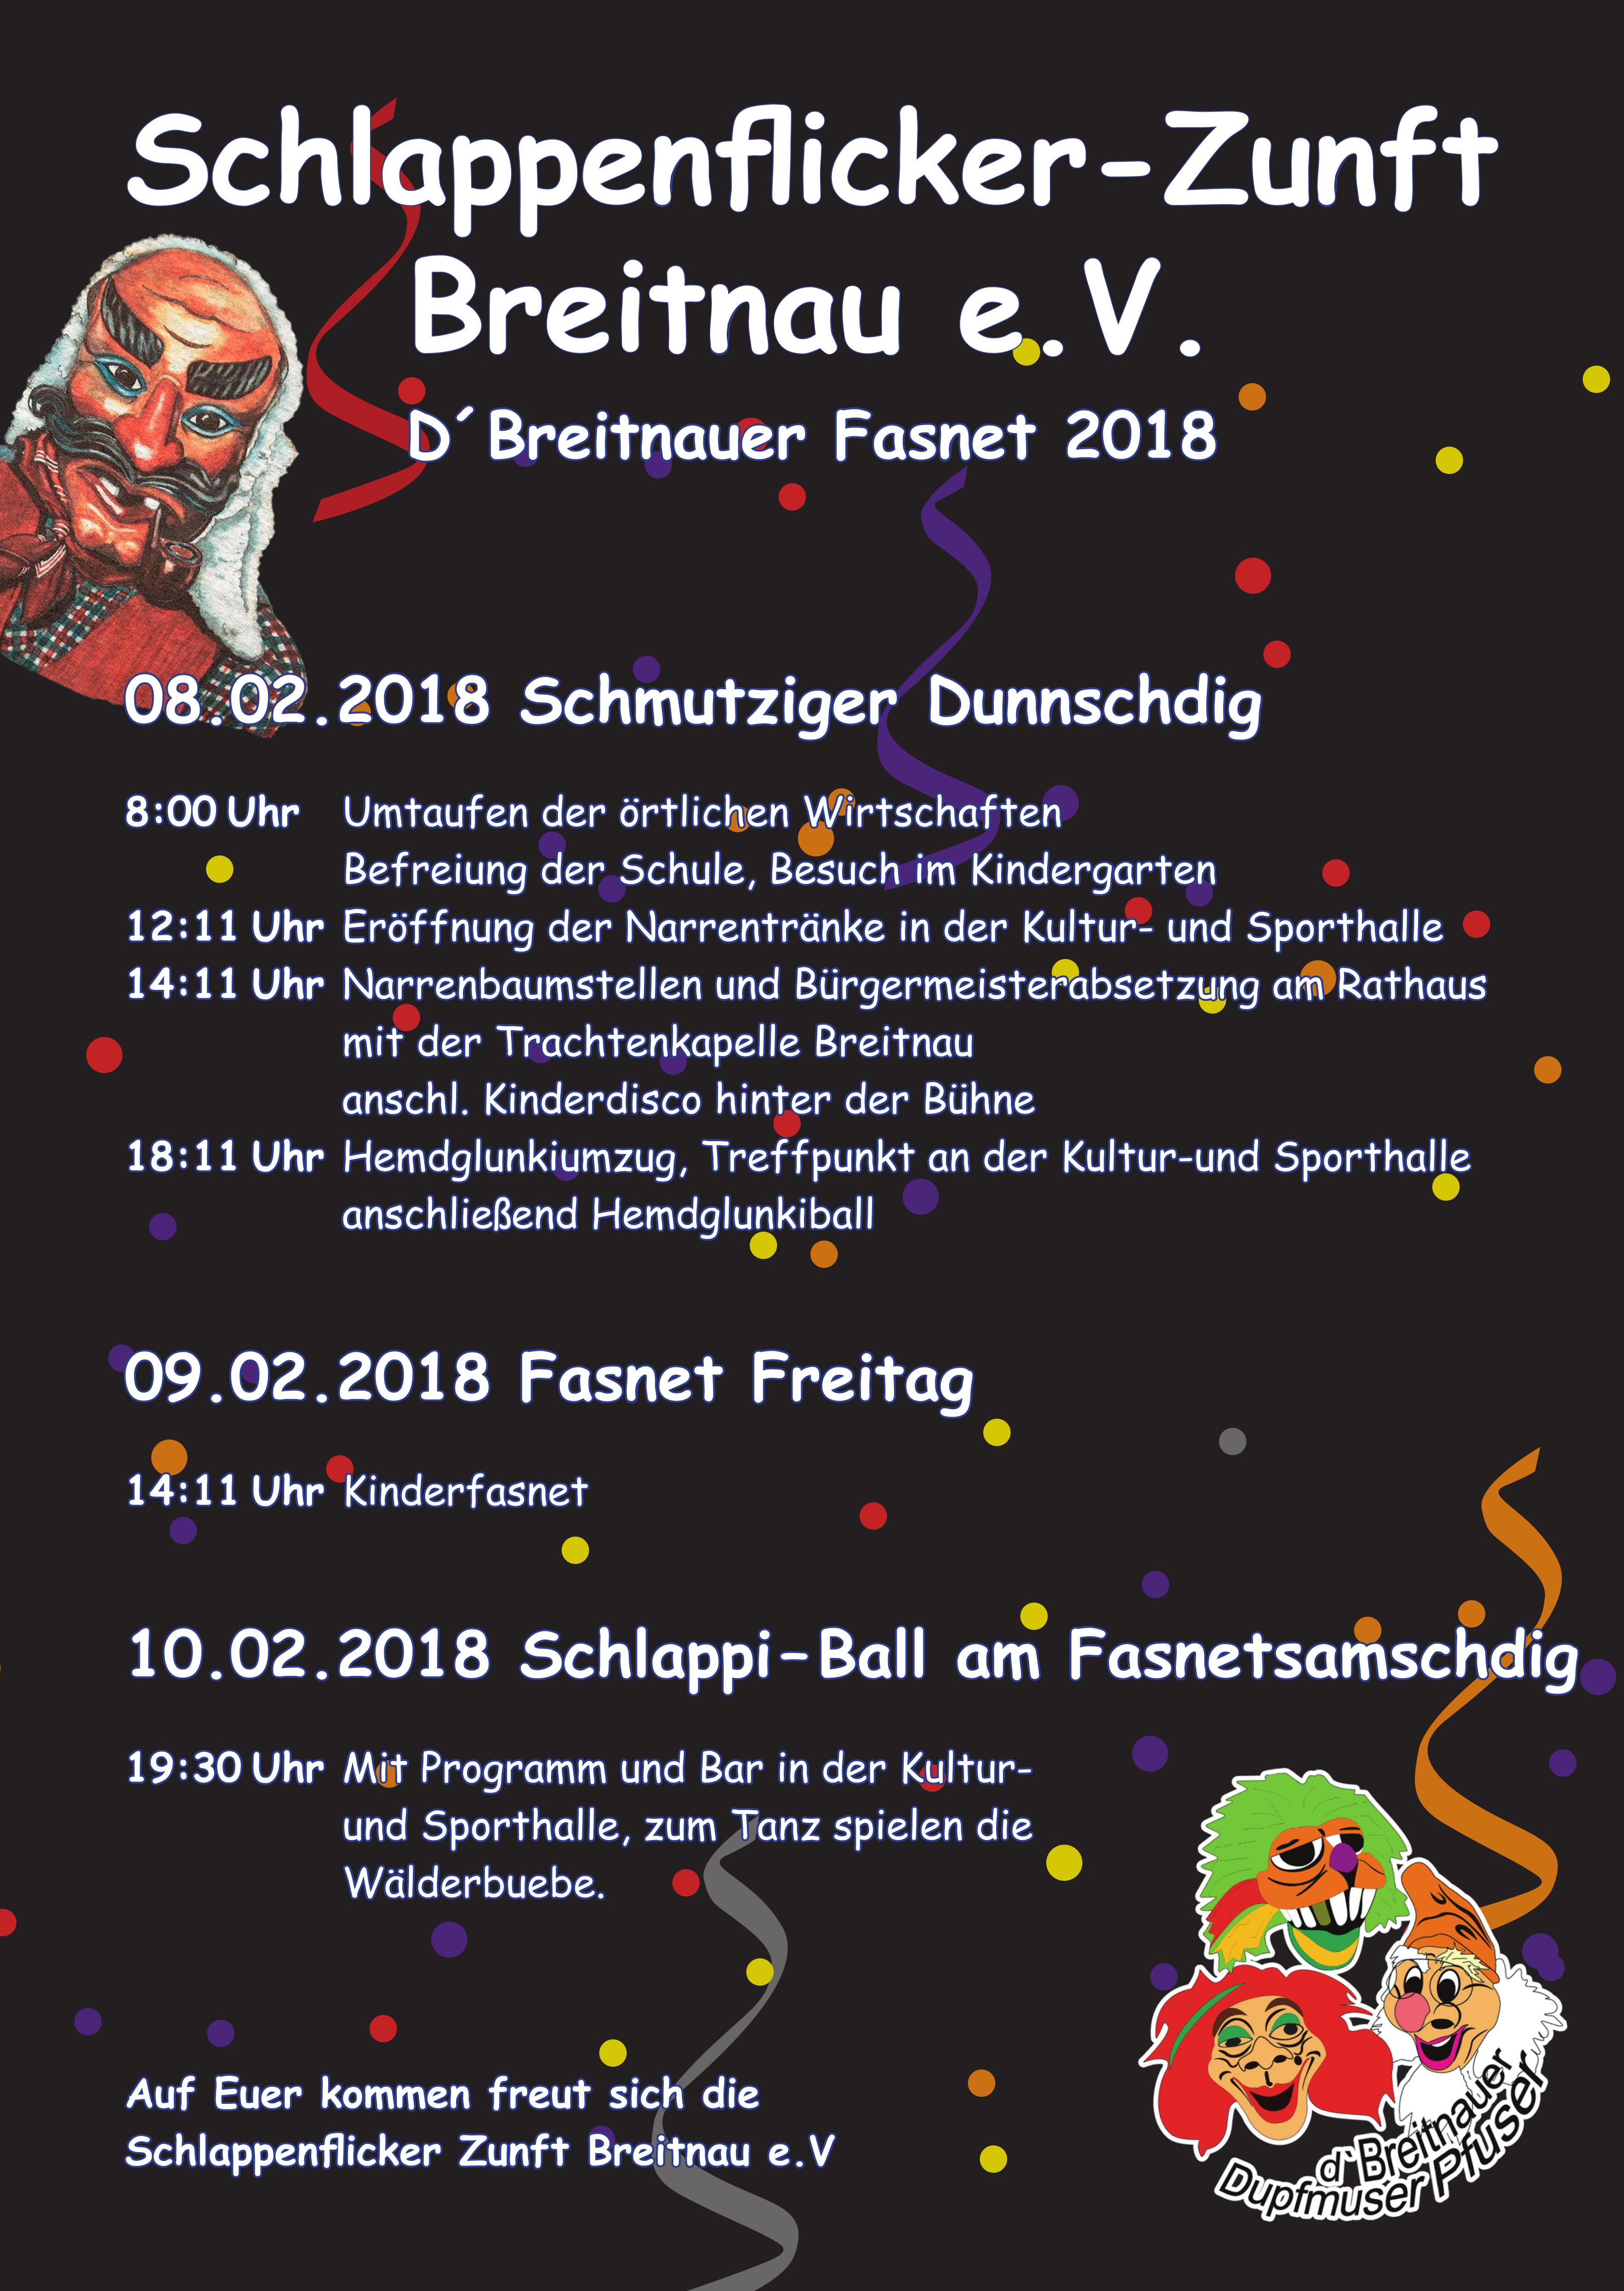 d´ Breitnauer Fasnet 2018